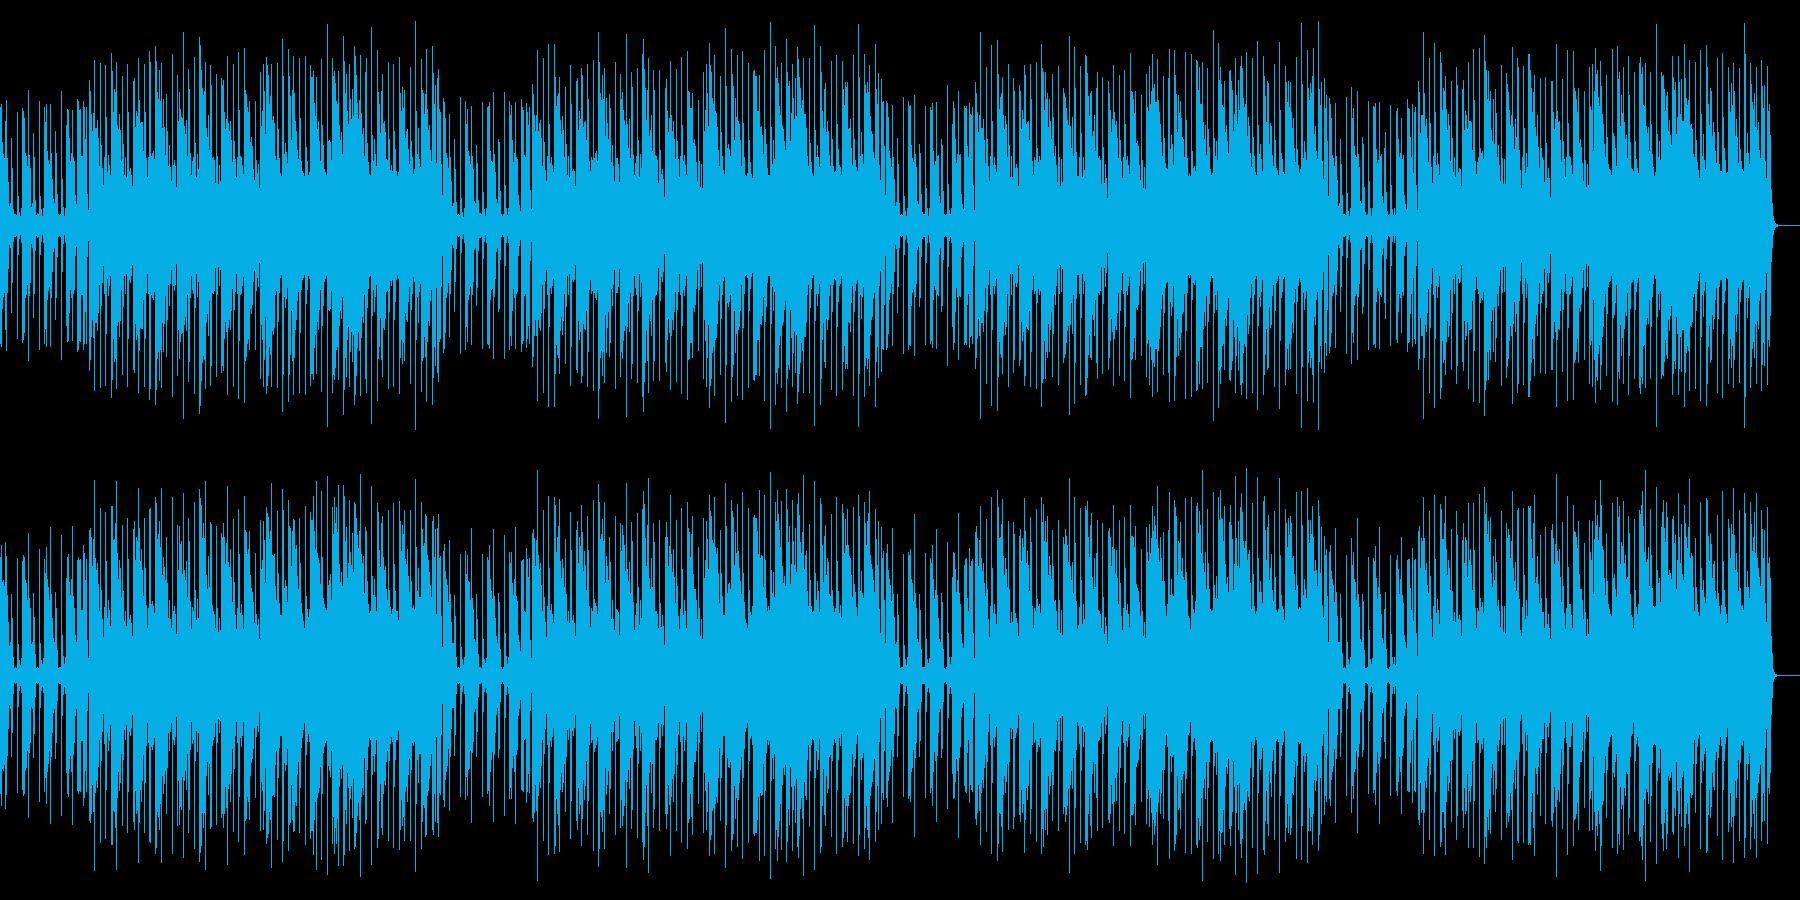 レトロ調の軽快な明るいチップチューンの再生済みの波形